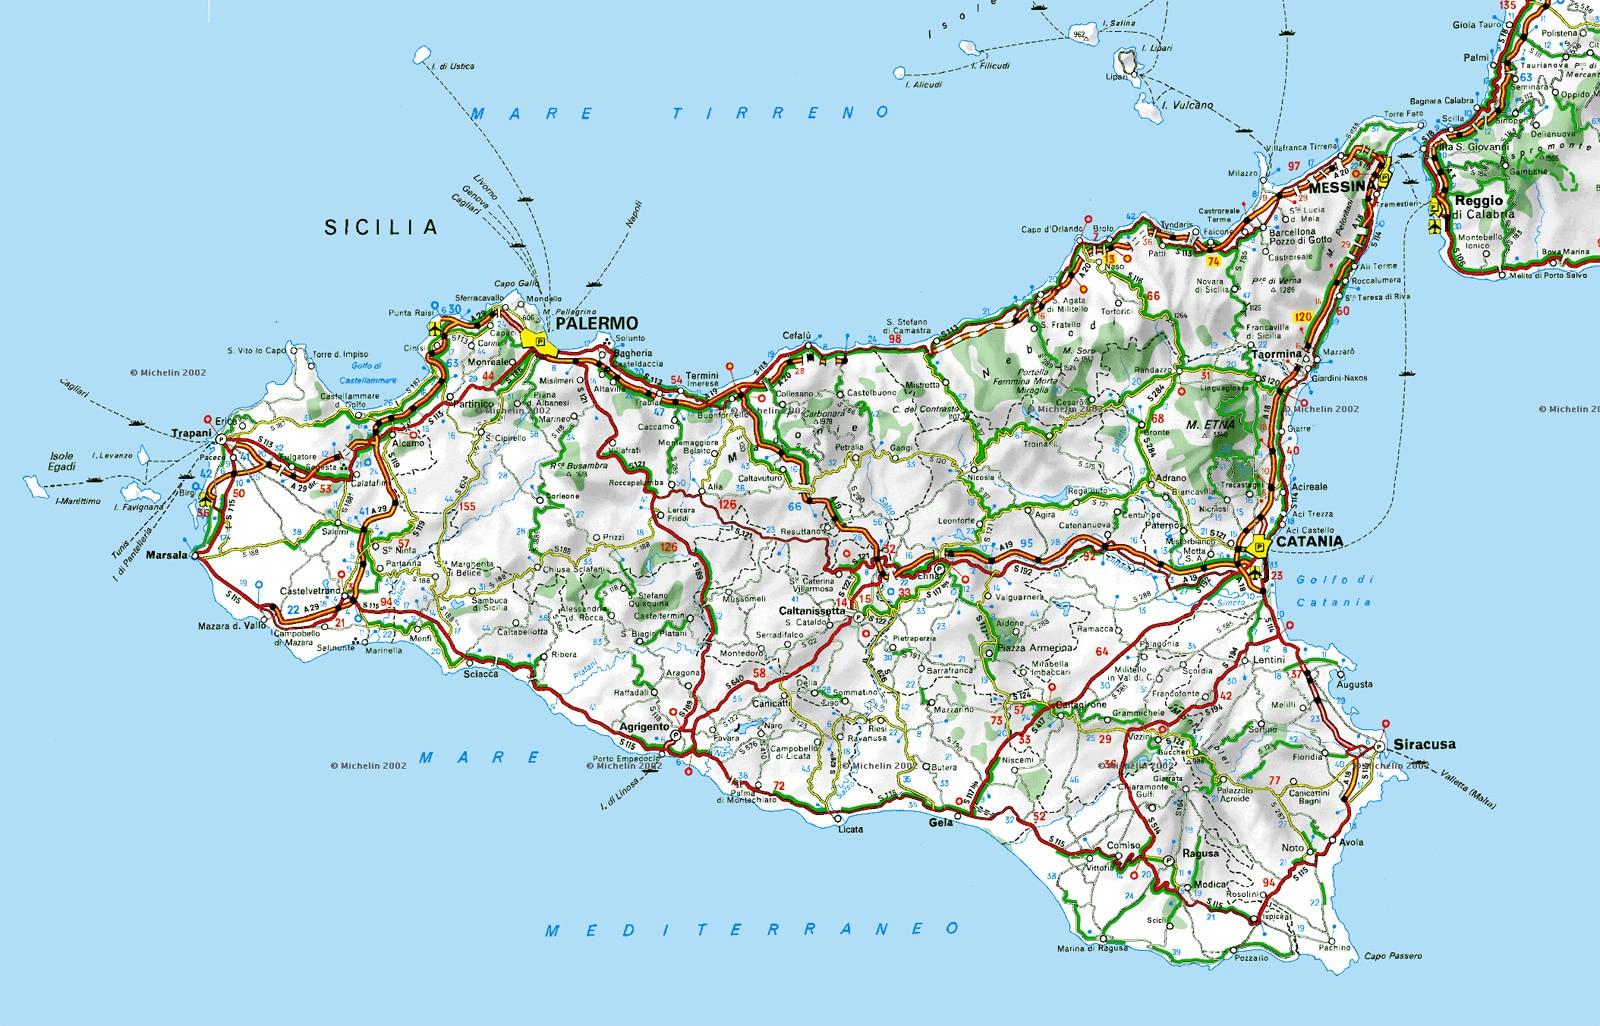 Cartina Sicilia Con Tutti I Comuni.Mappa Della Sicilia Cartina Interattiva E Download Mappe In Pdf Sicilia Info